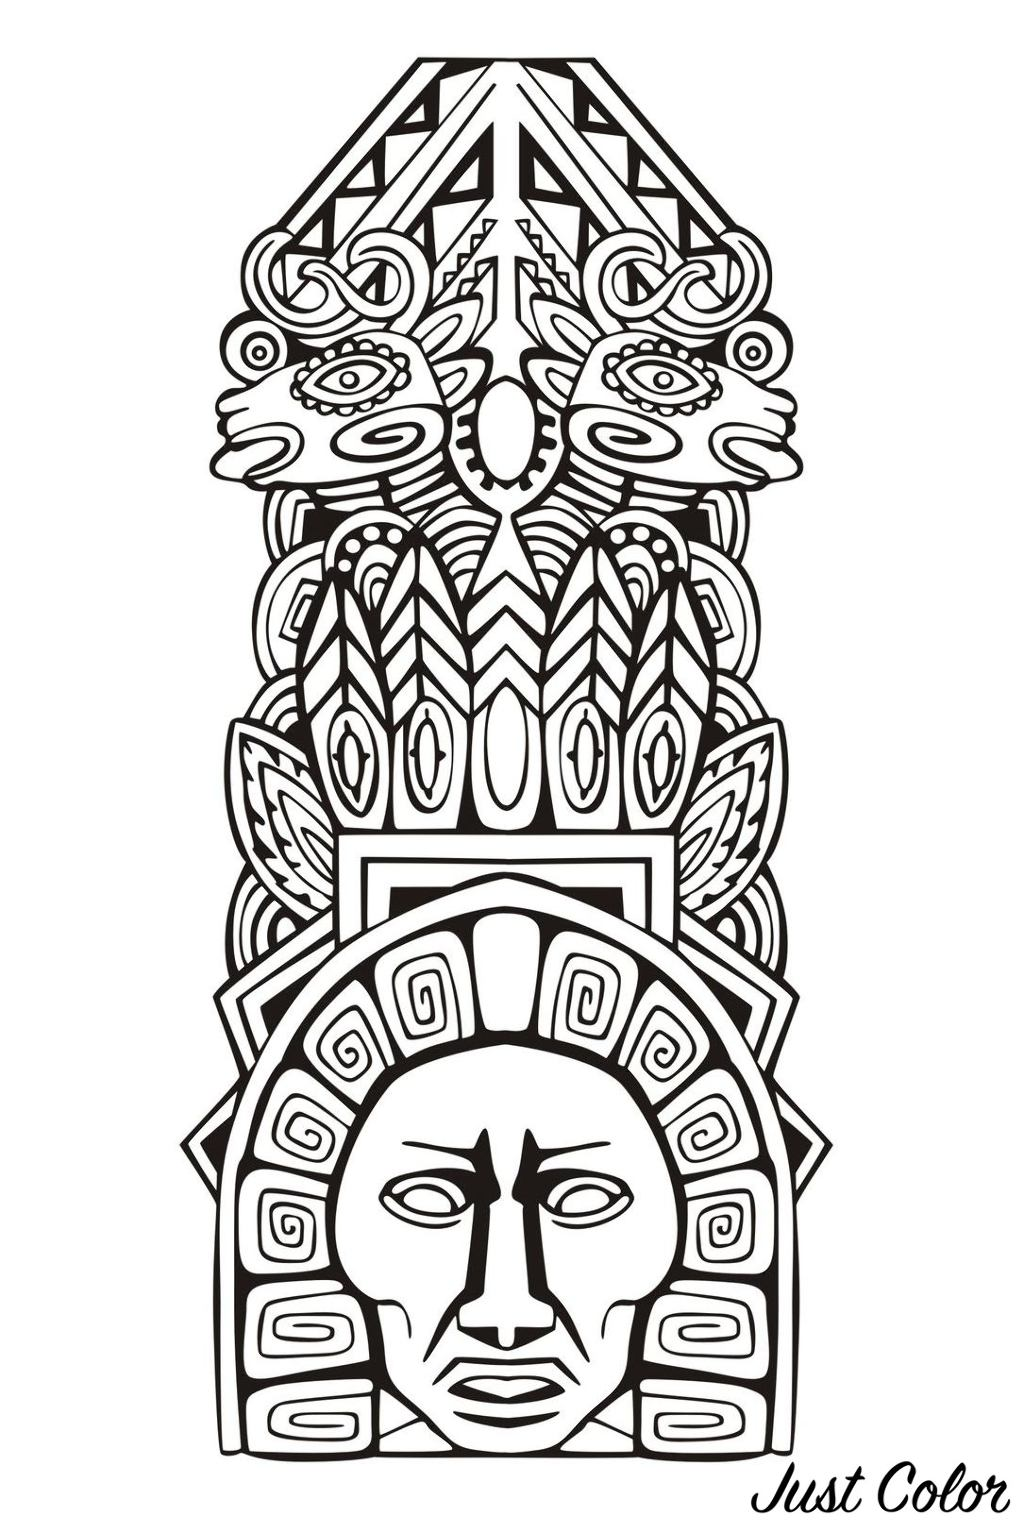 Colorear para adultos : Mayas, Aztecas e Incas - 10